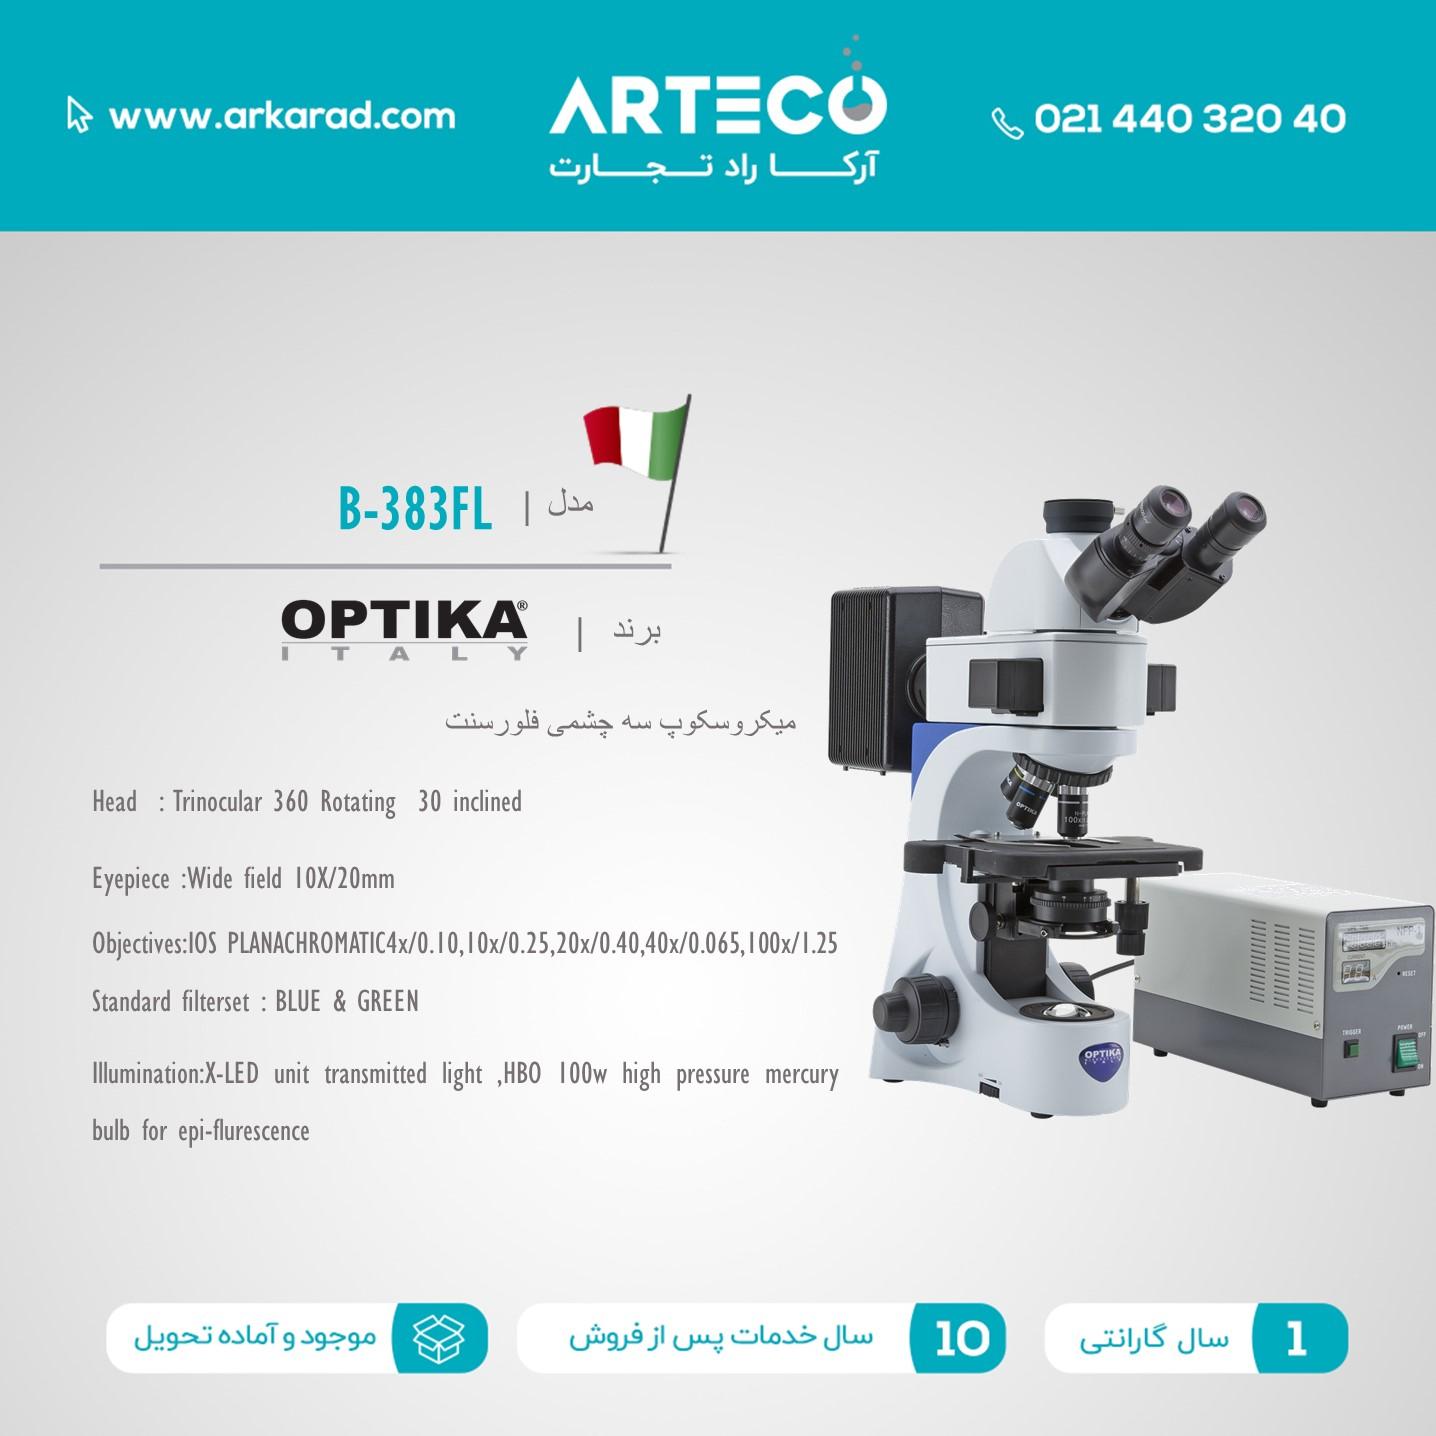 میکروسکوپ سه چشمی فلورسنت مدل B-383FL کمپانی OPTIKA ایتالیا